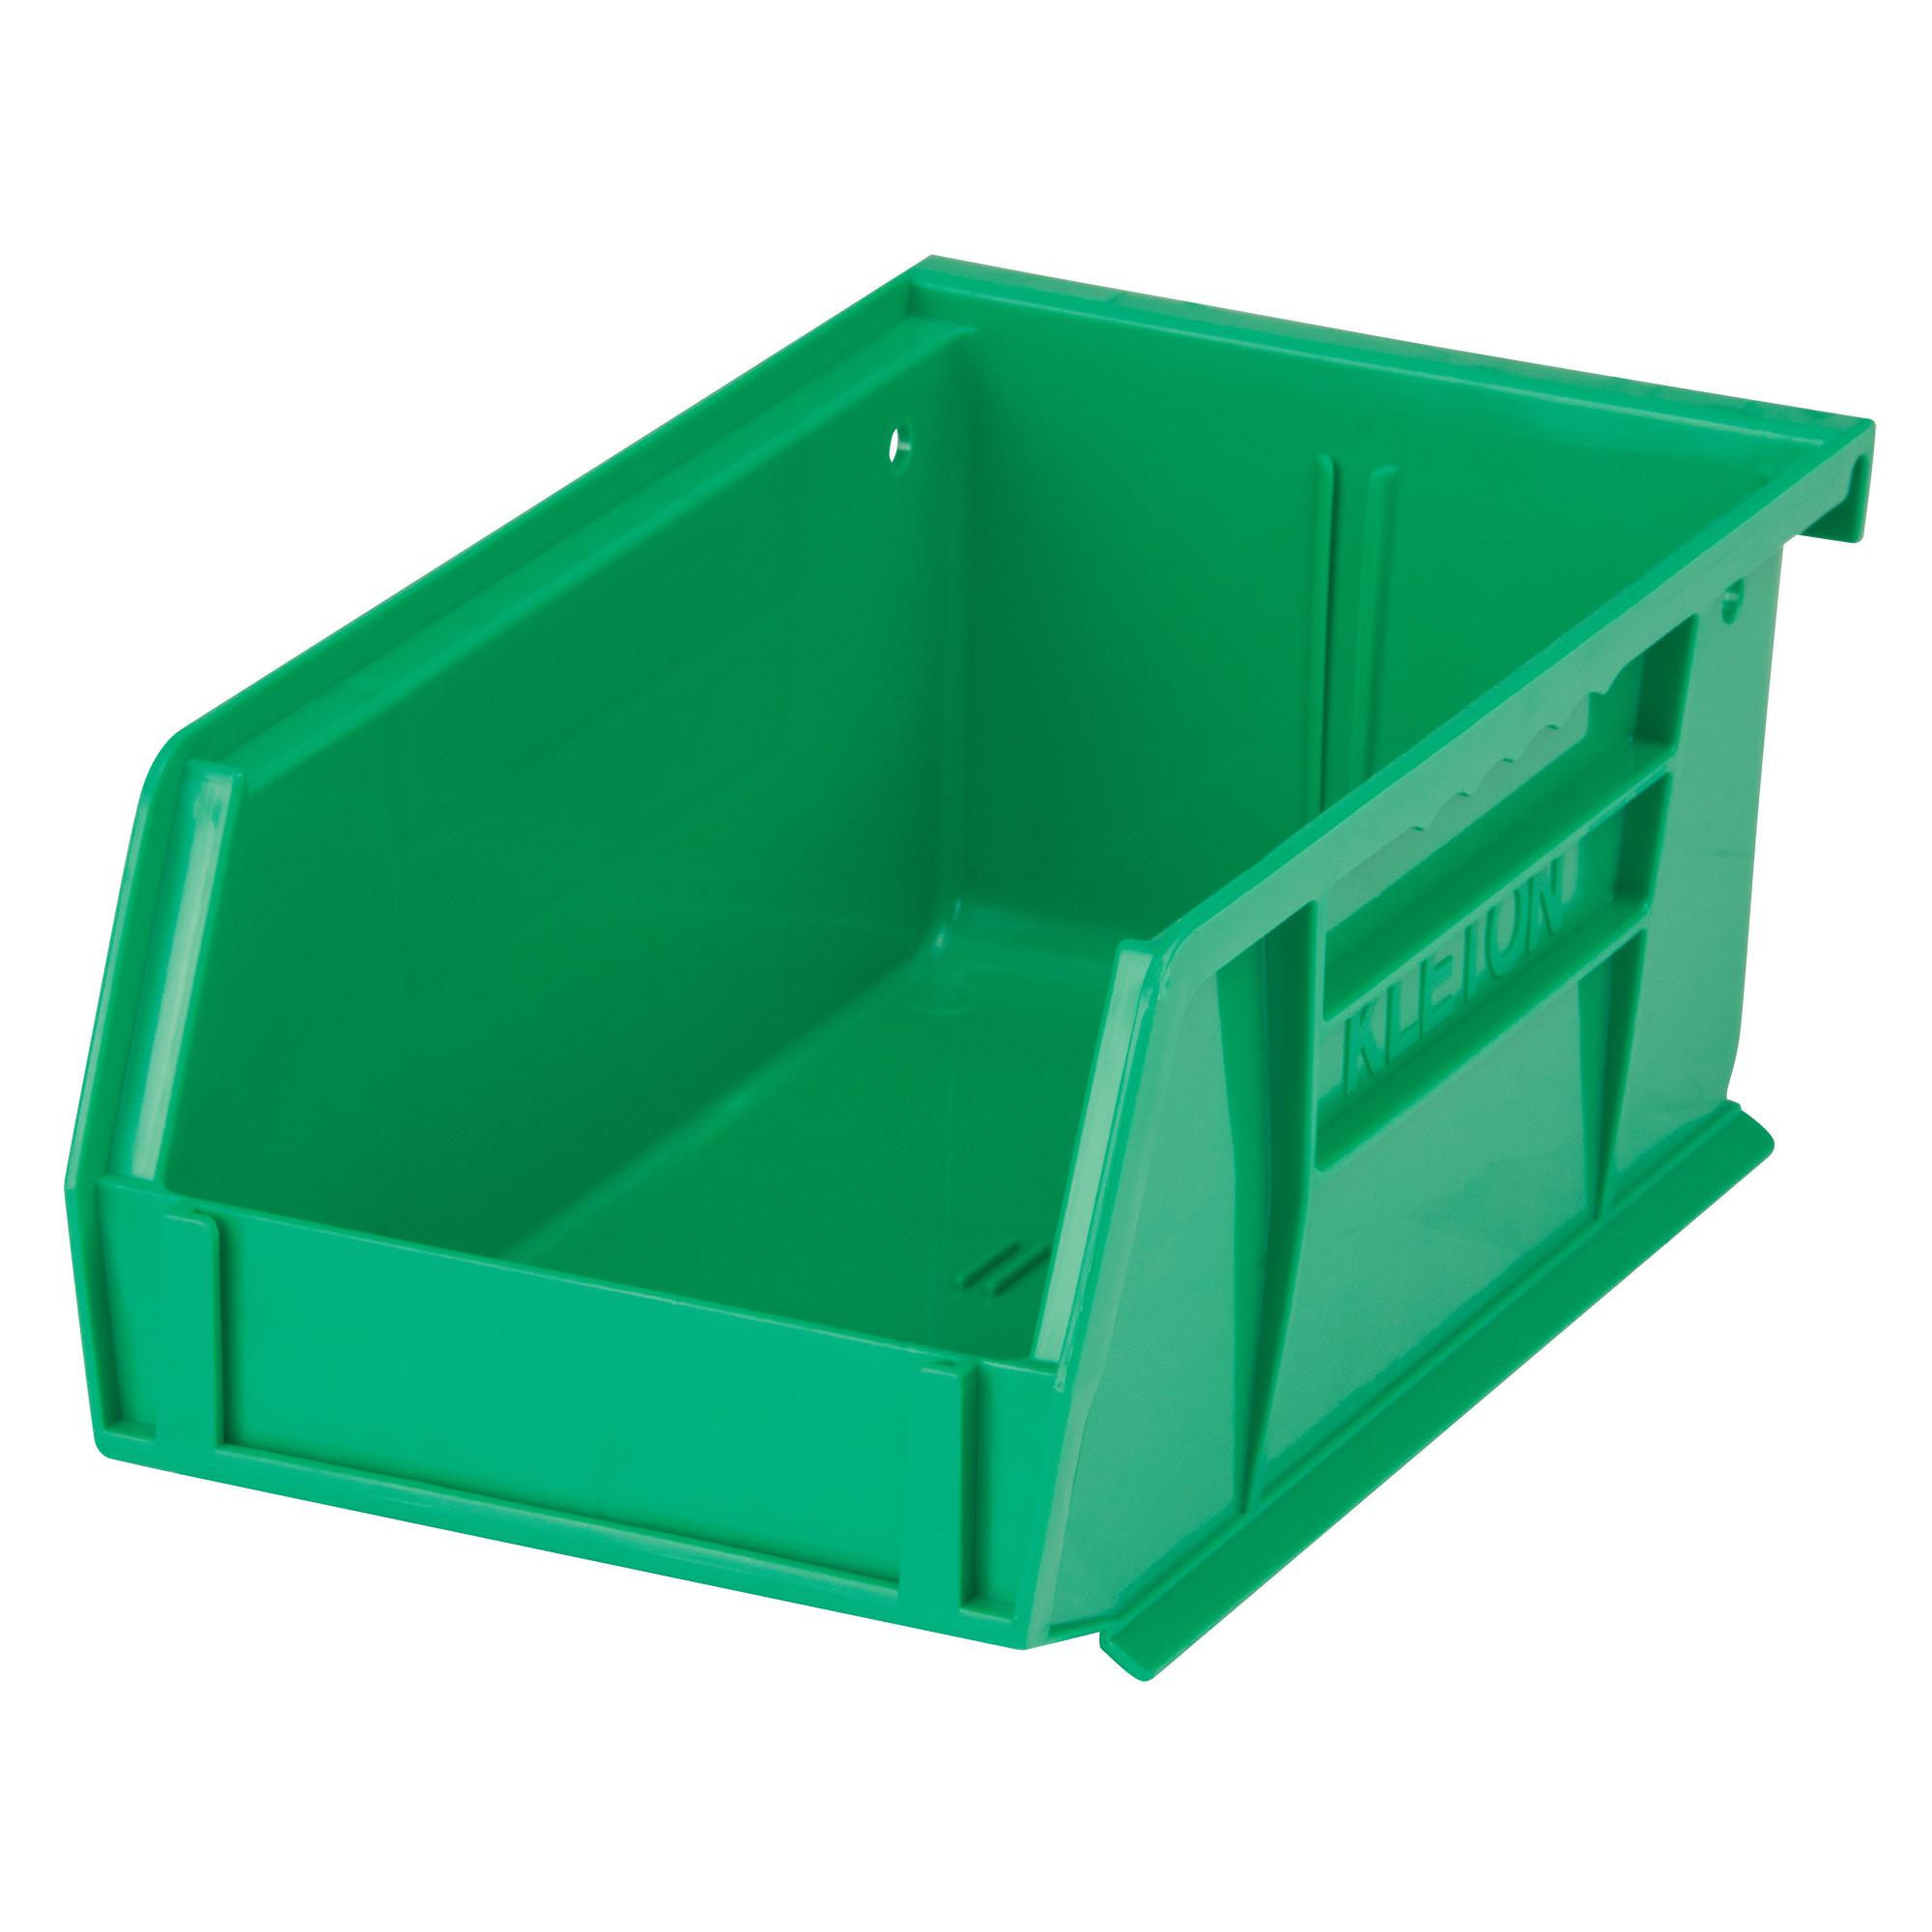 """Kleton Stack & Hang Bin, 4-1/8"""" W x 3"""" H x 7-3/8"""" D, Green"""